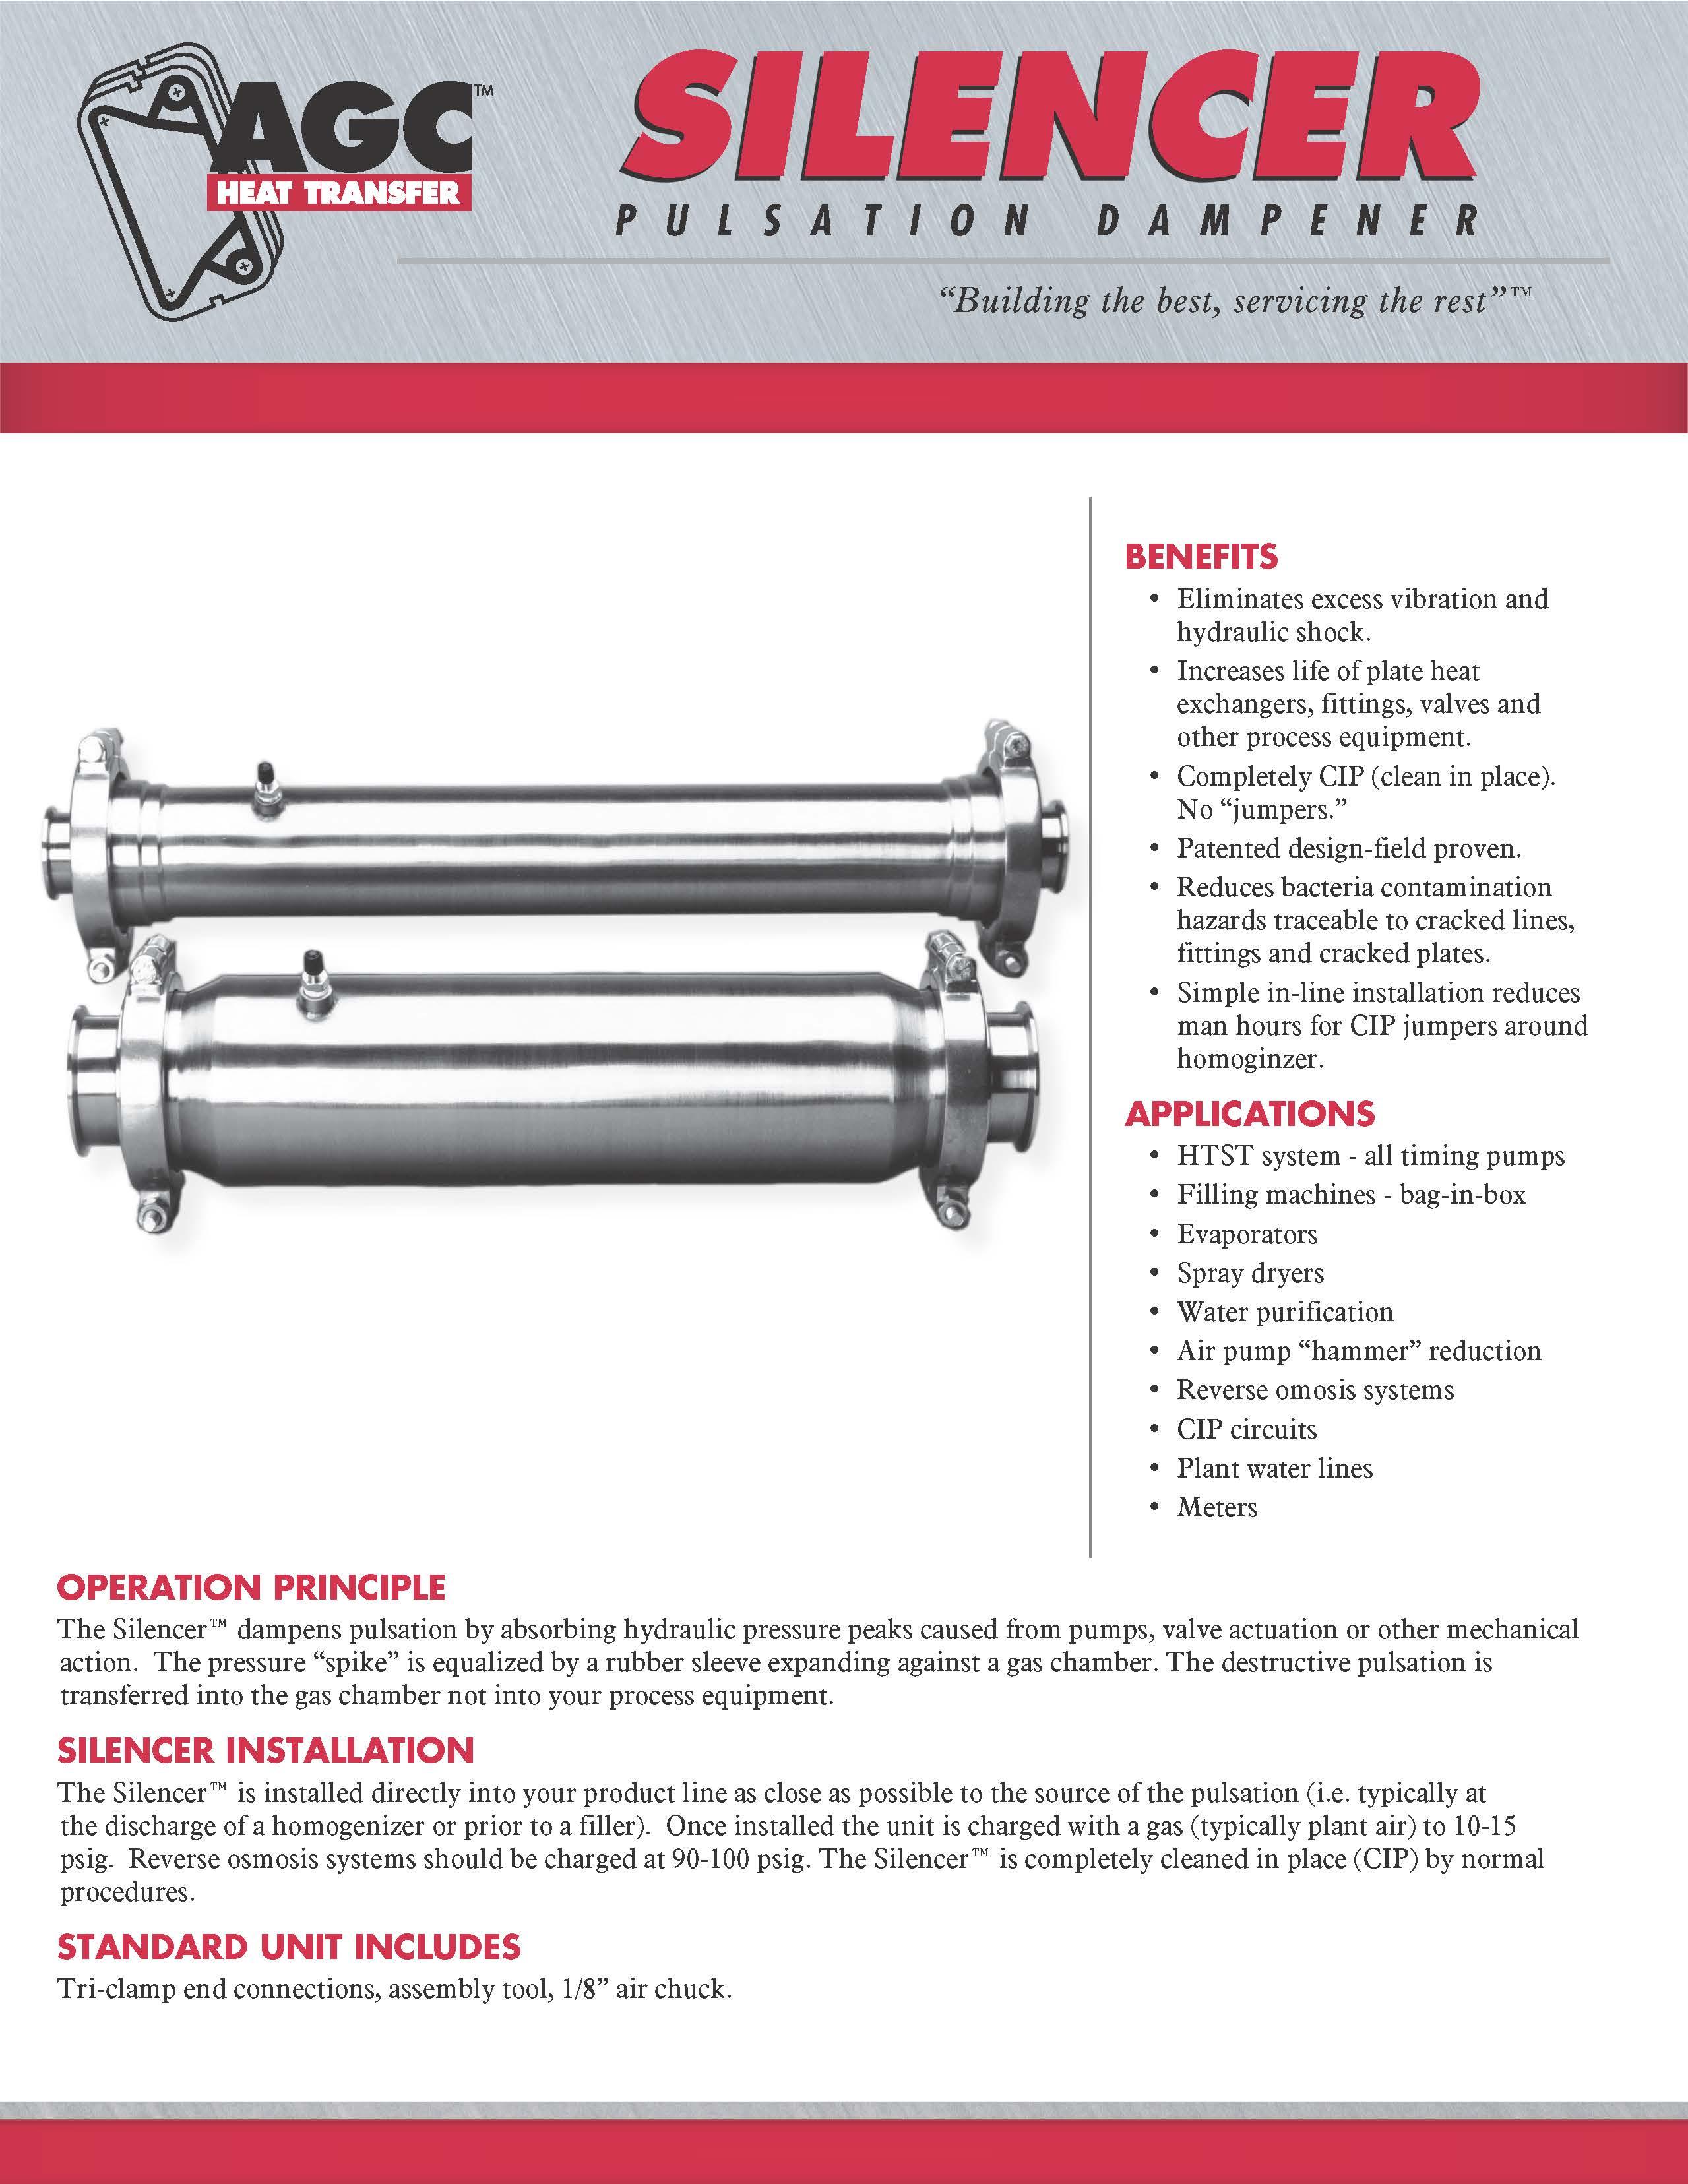 AGC Silencer Pulsation Dampener_Page_1